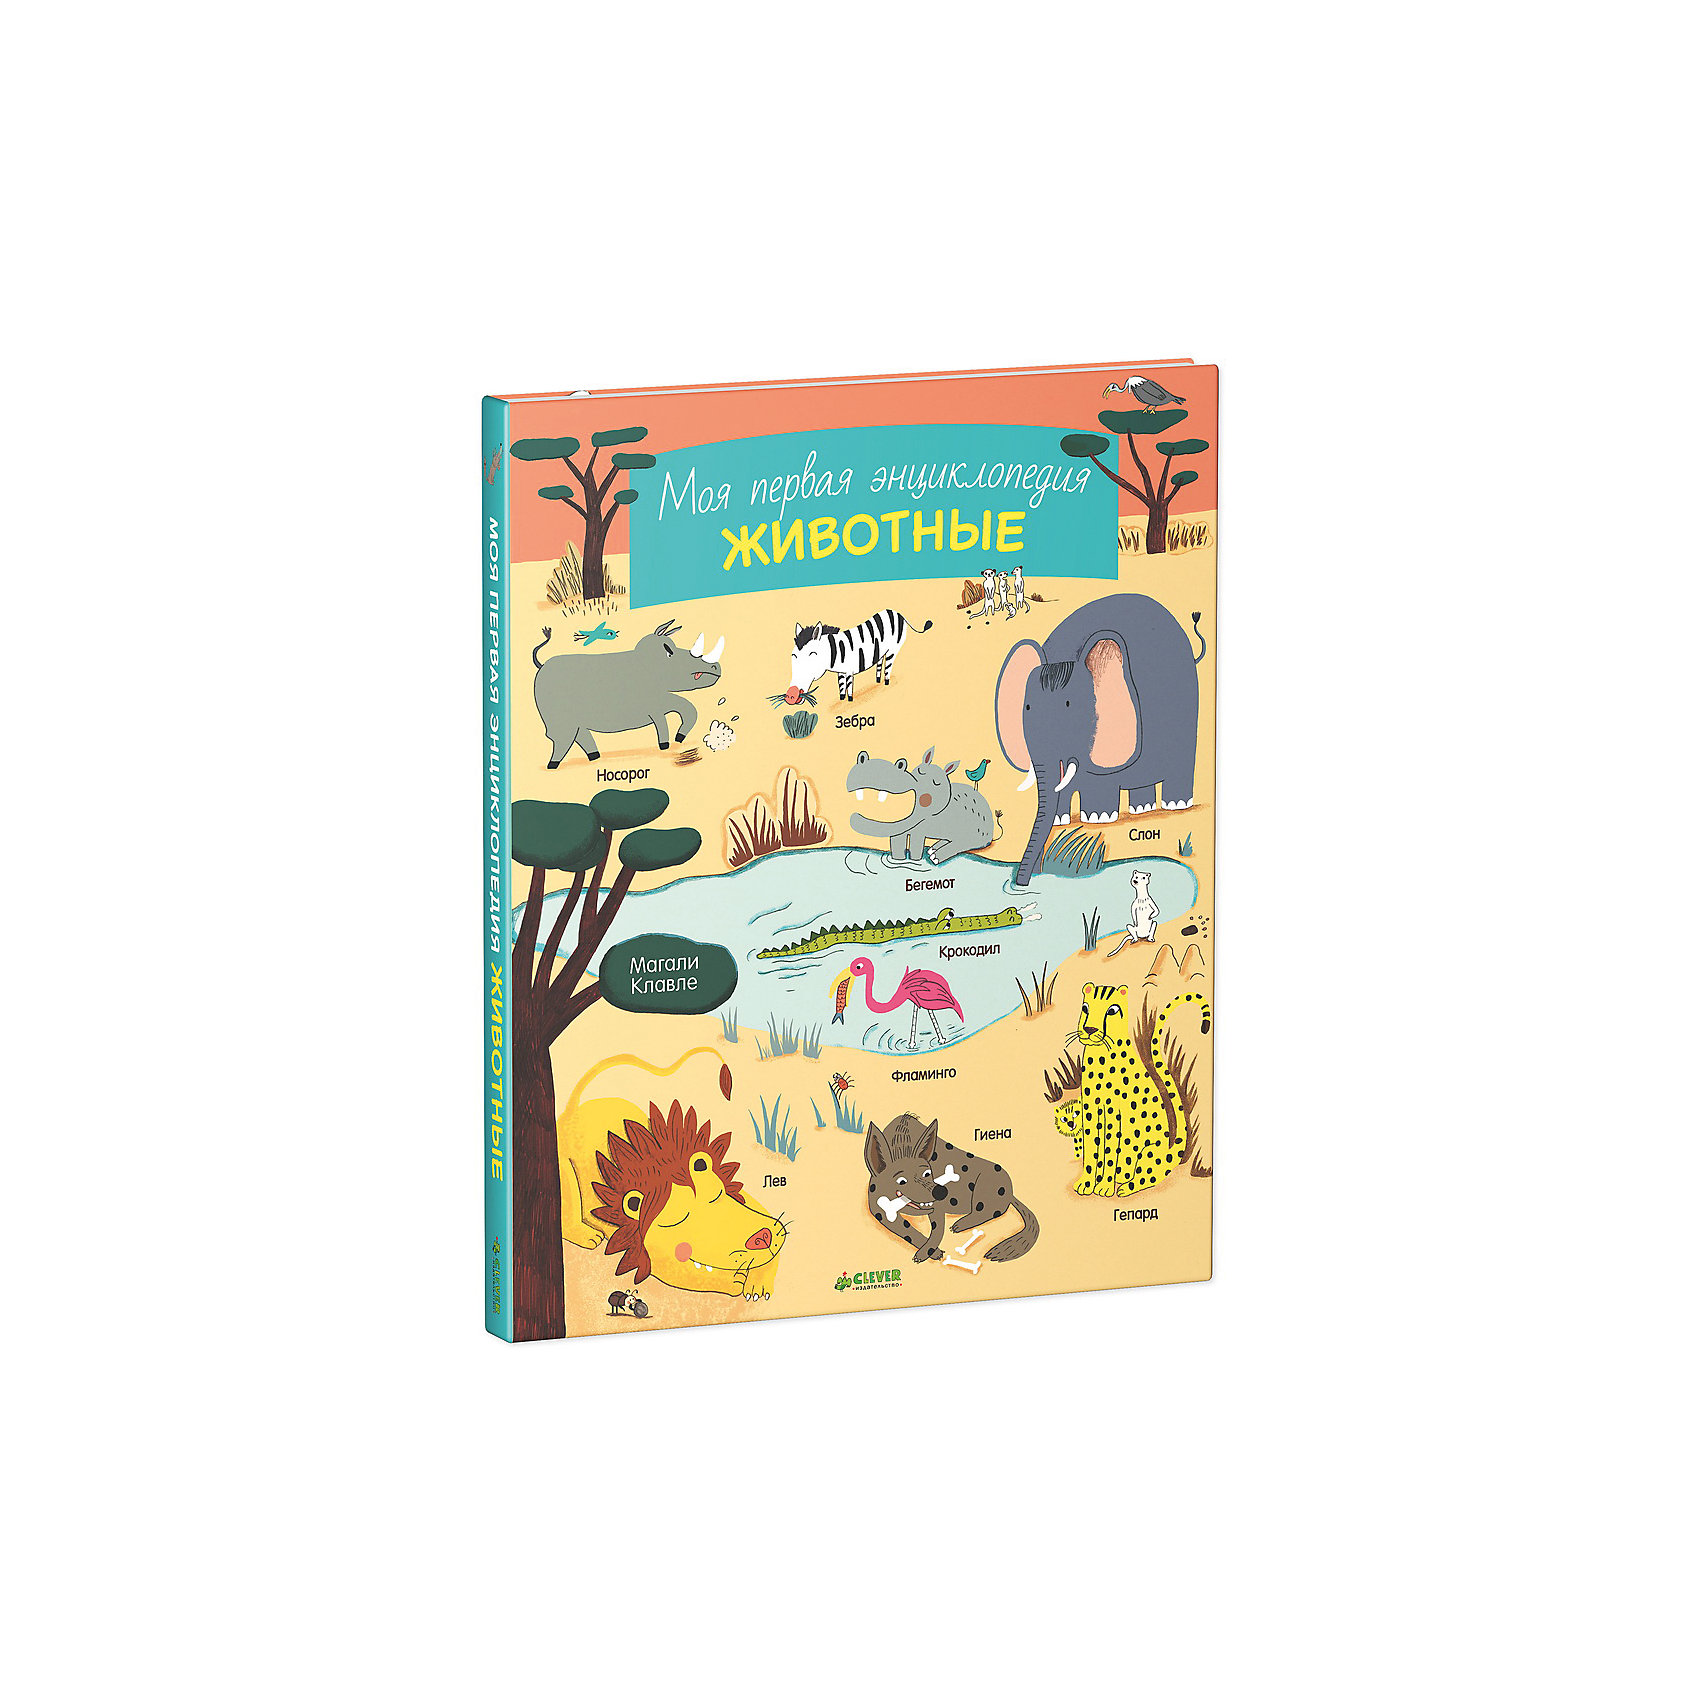 Моя первая энциклопедия ЖивотныеЭнциклопедии о животных<br>Красочная книга «Моя первая энциклопедия. Животные» совмещает в себе мини-энциклопедию животного мира и весёлую игру найди и покажи. Здесь вы найдете 12 разнообразных тем, 150 животных – и всё для того, чтобы ребёнок весело и с удовольствием узнавал новые слова, развивал внимательность и познавал окружающий мир. Каждый разворот энциклопедии посвящён месту обитания животных: дом, деревня, лес, Северный полюс, джунгли, саванна, море, река, горы. Отдельные развороты знакомят с птицами и насекомыми, а в конце книги сюрприз: животные в цирке.  <br><br>Дополнительная информация:<br><br>- Художник: Клавле Магали.<br>- Переплет: твердый.<br>- Формат: 32,2х26,7 см.<br>- Количество страниц: 26<br>- Иллюстрации: цветные. <br><br>Книгу Моя первая энциклопедия Животные можно купить в нашем магазине.<br><br>Ширина мм: 264<br>Глубина мм: 320<br>Высота мм: 24<br>Вес г: 1027<br>Возраст от месяцев: 48<br>Возраст до месяцев: 72<br>Пол: Унисекс<br>Возраст: Детский<br>SKU: 4419590